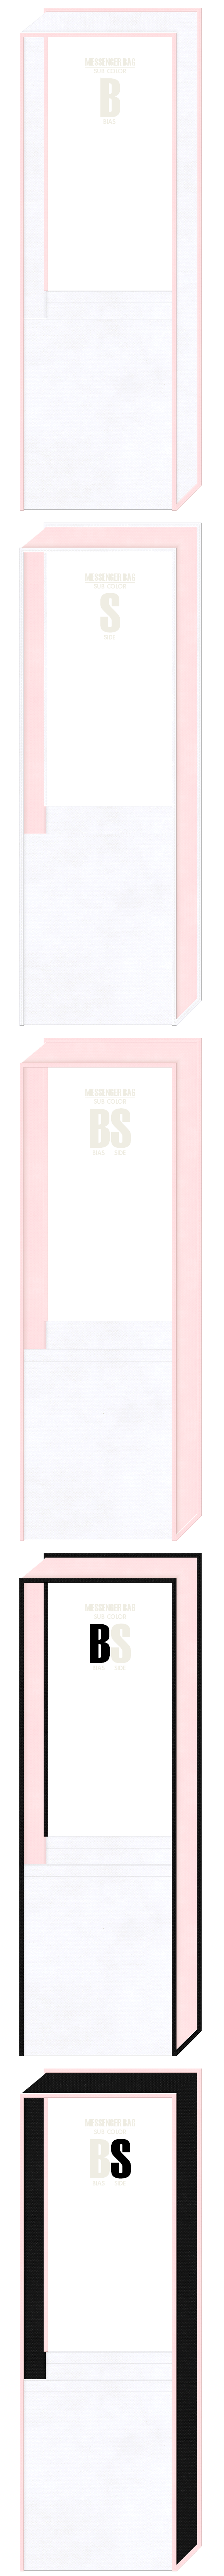 スポーツイベントにお奨め:白色・桜色・黒色の3色を使用した、不織布メッセンジャーバッグのデザイン